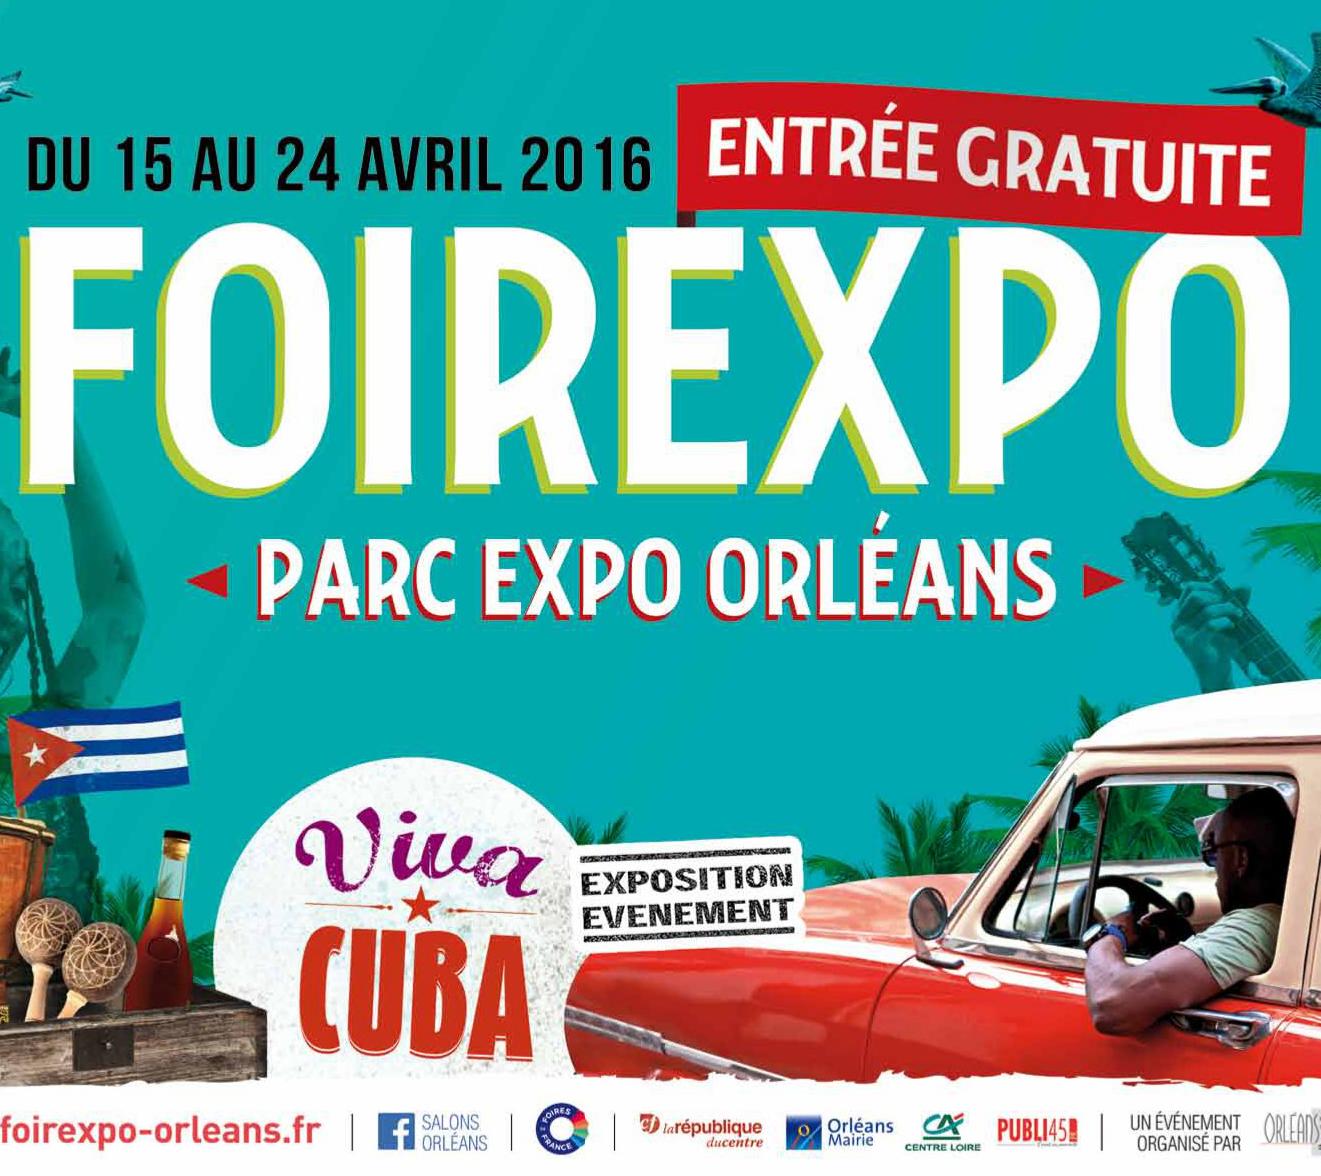 La Foire Expo d'Orléans 2016, c'est du 15 au 24 avril